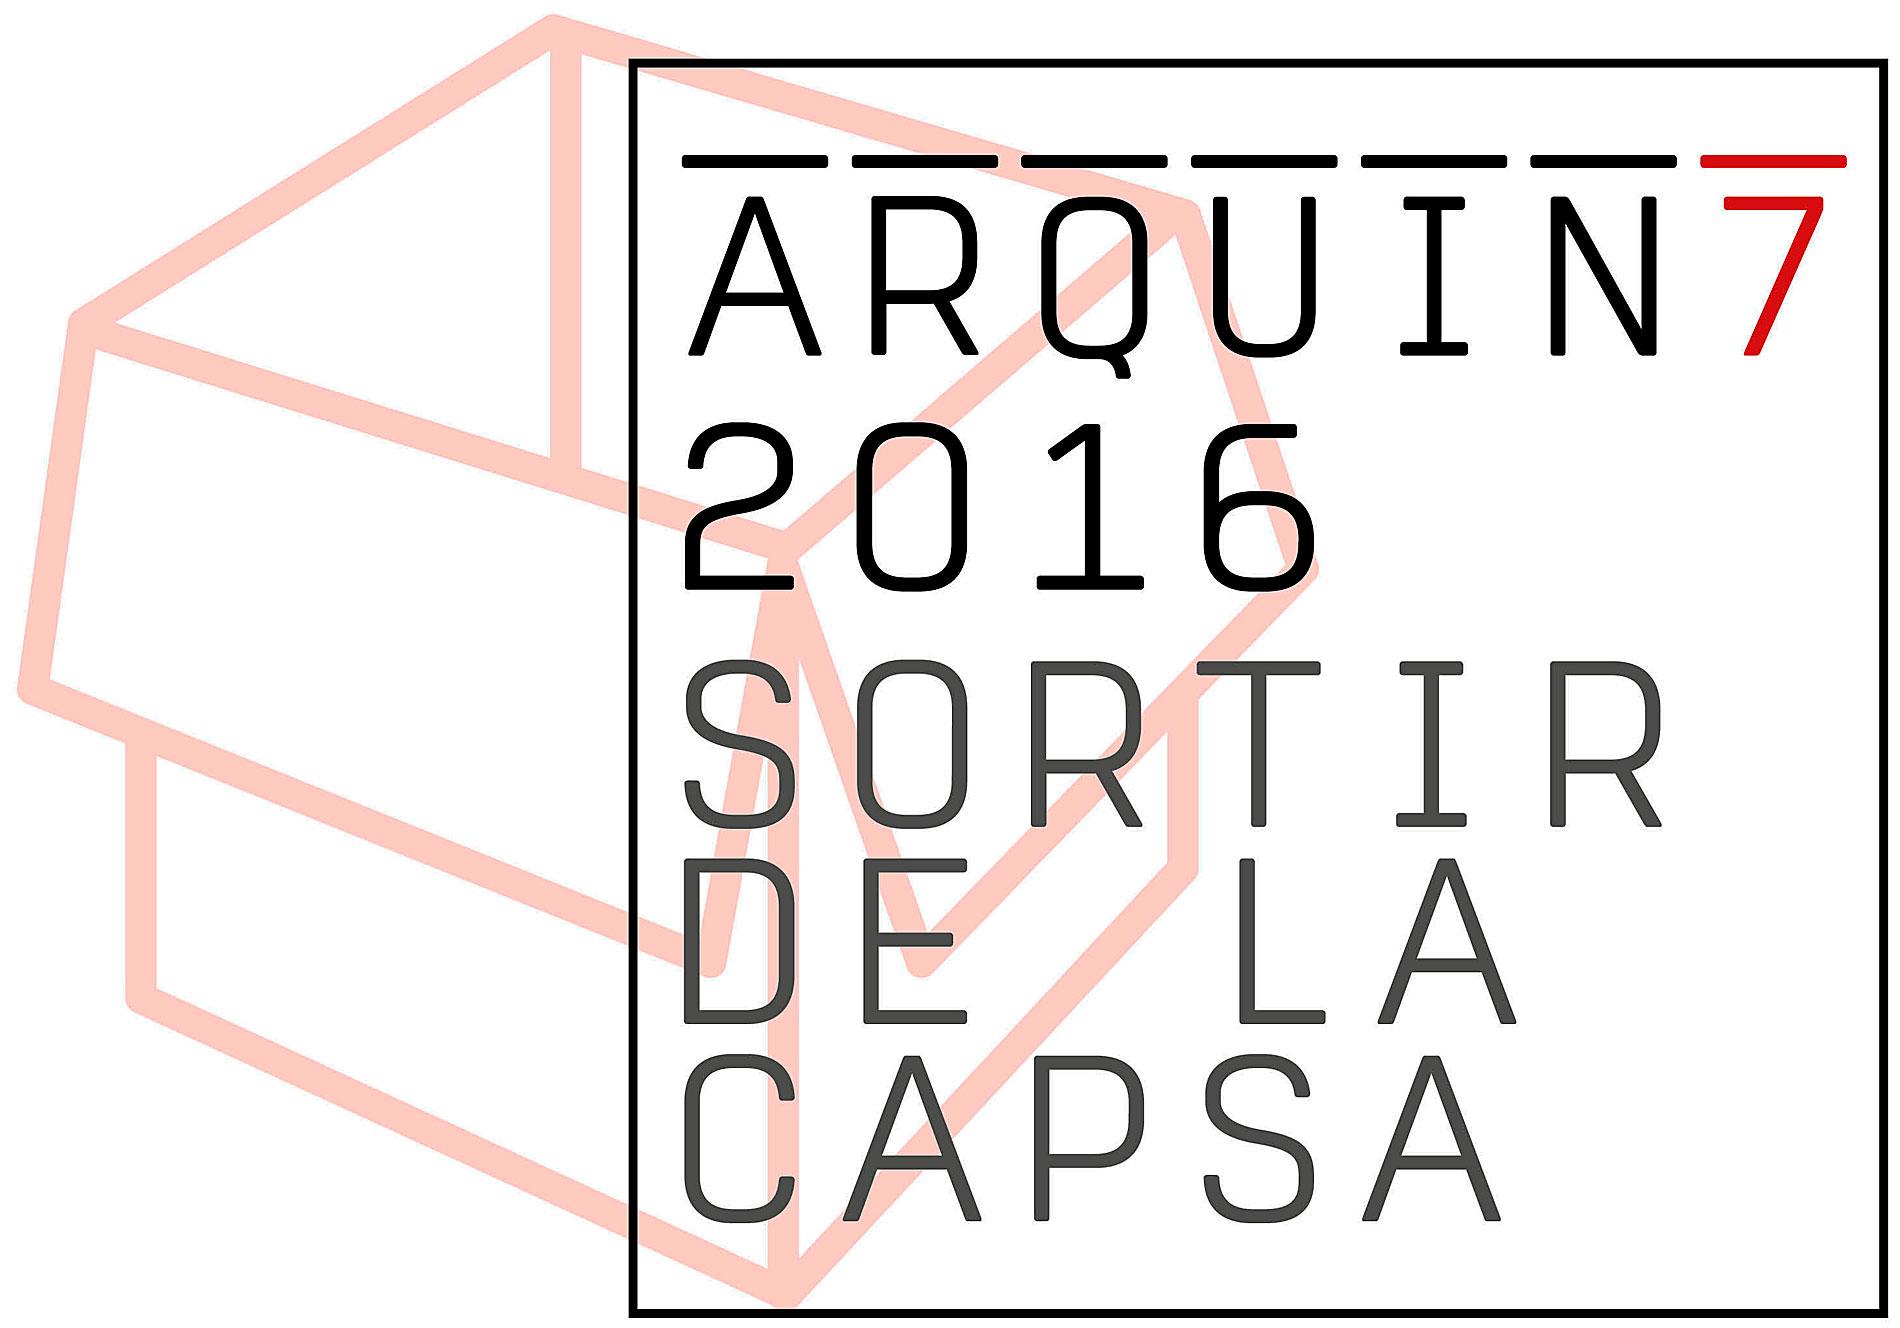 arquinset-2016-salir-de-la-caja-arquinfad-0